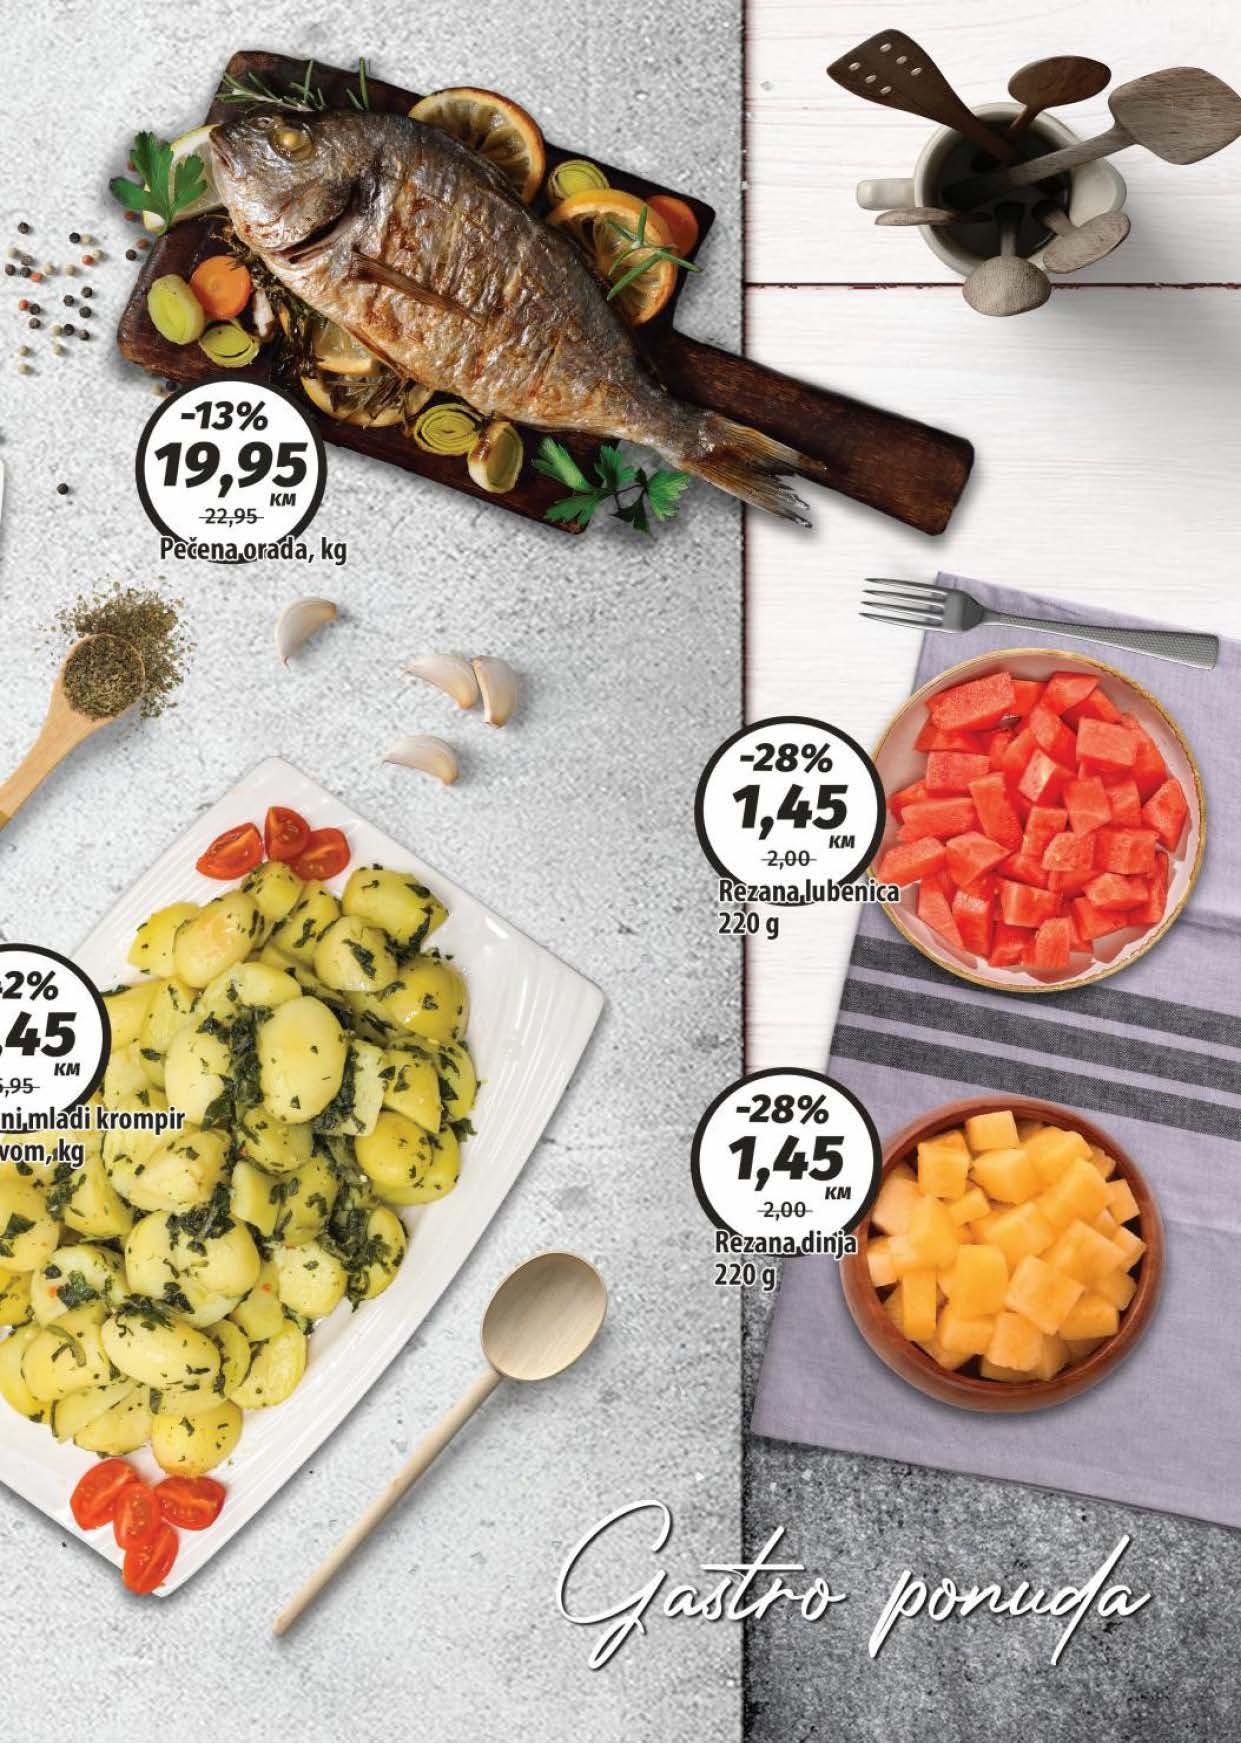 BINGO Katalog Magazin PLUS JUN i JUL 2021 15.6. 9.7. eKatalozi.com PR Page 13